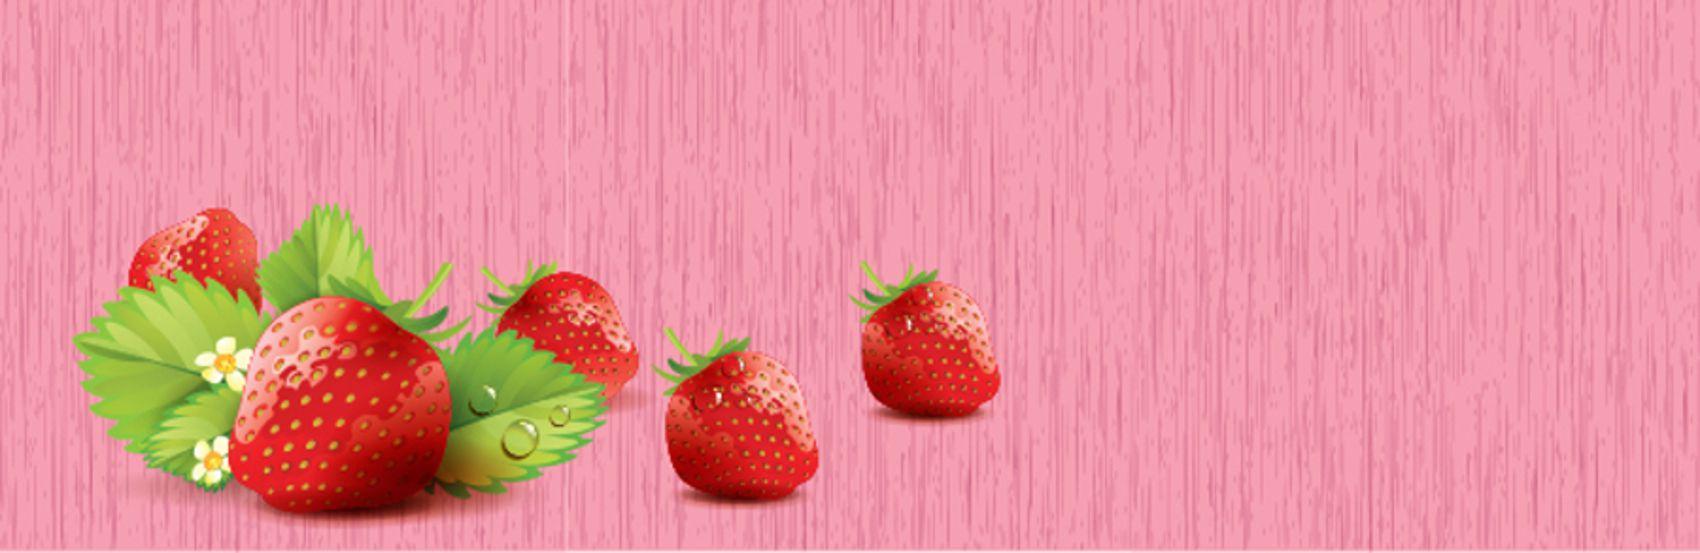 Клубника на розовом фоне